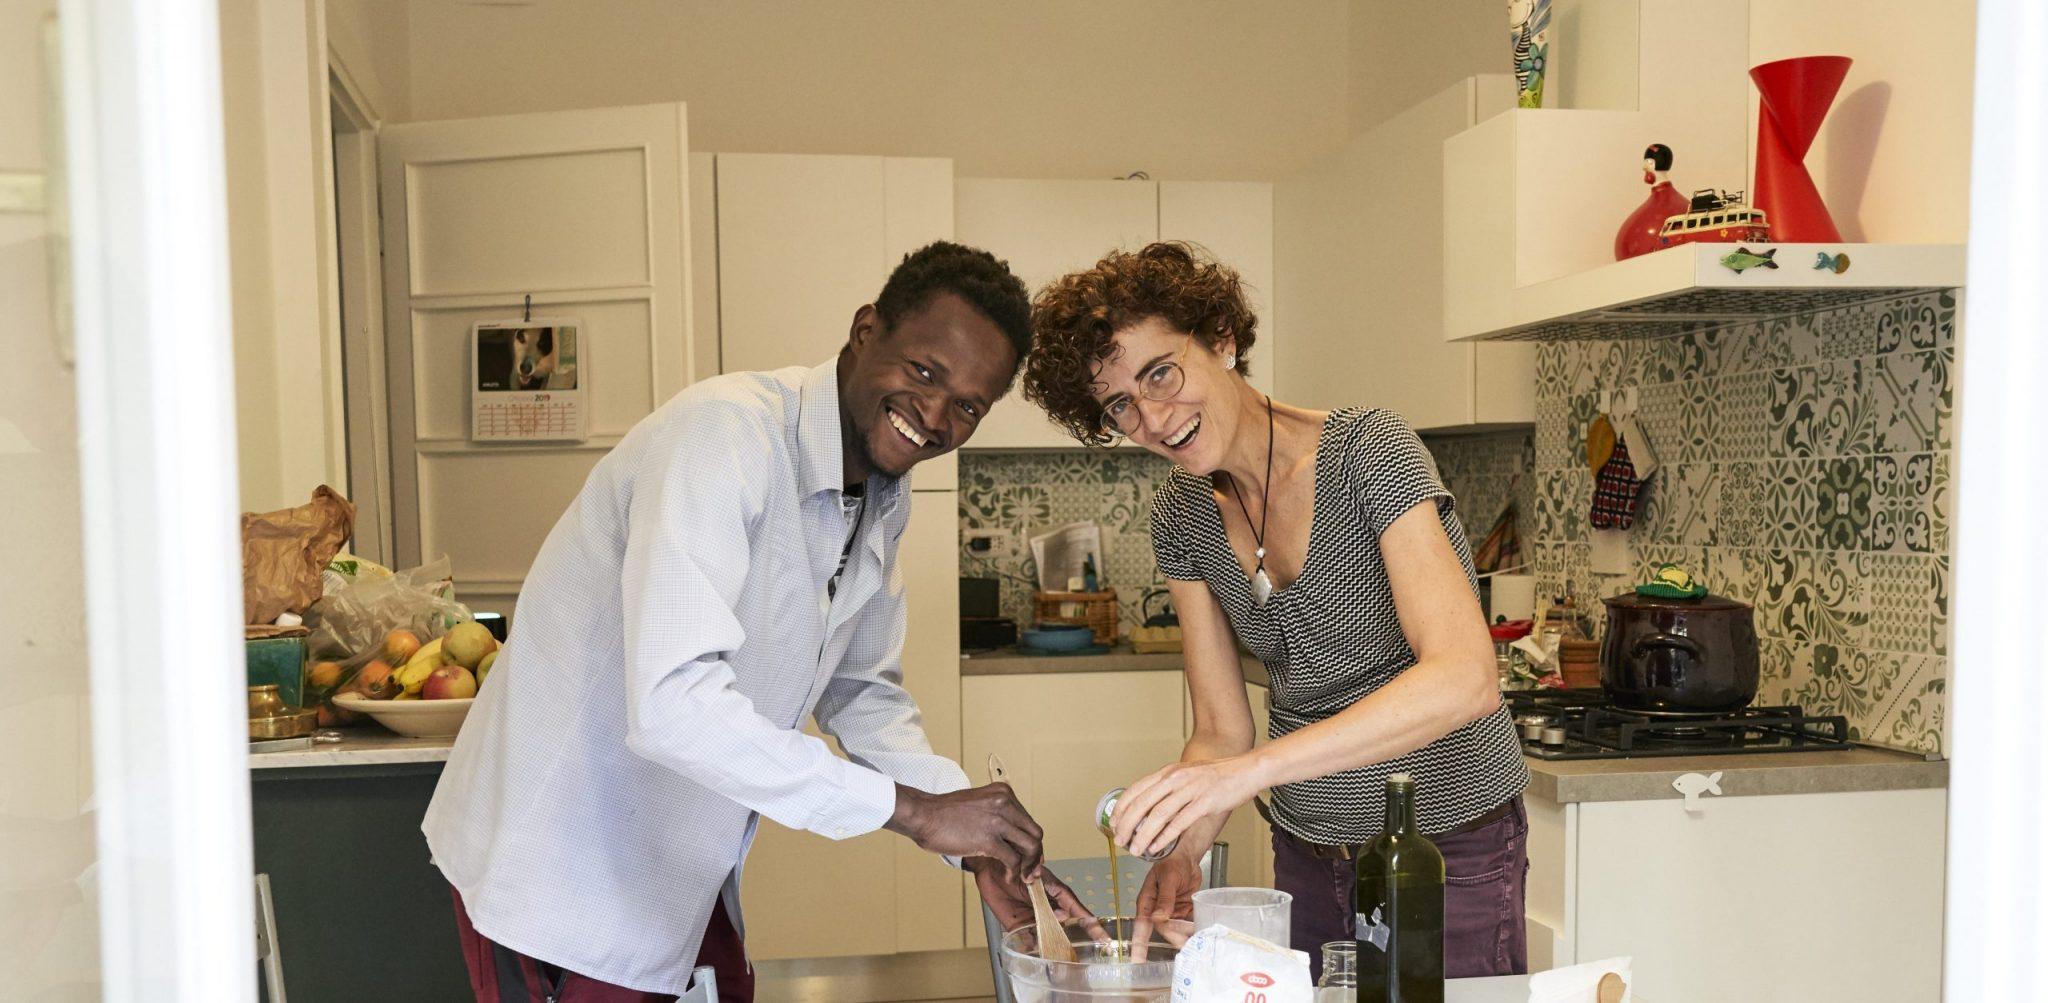 Fra chiacchiere e cucina: la convivenza di Ali e Giovanna.